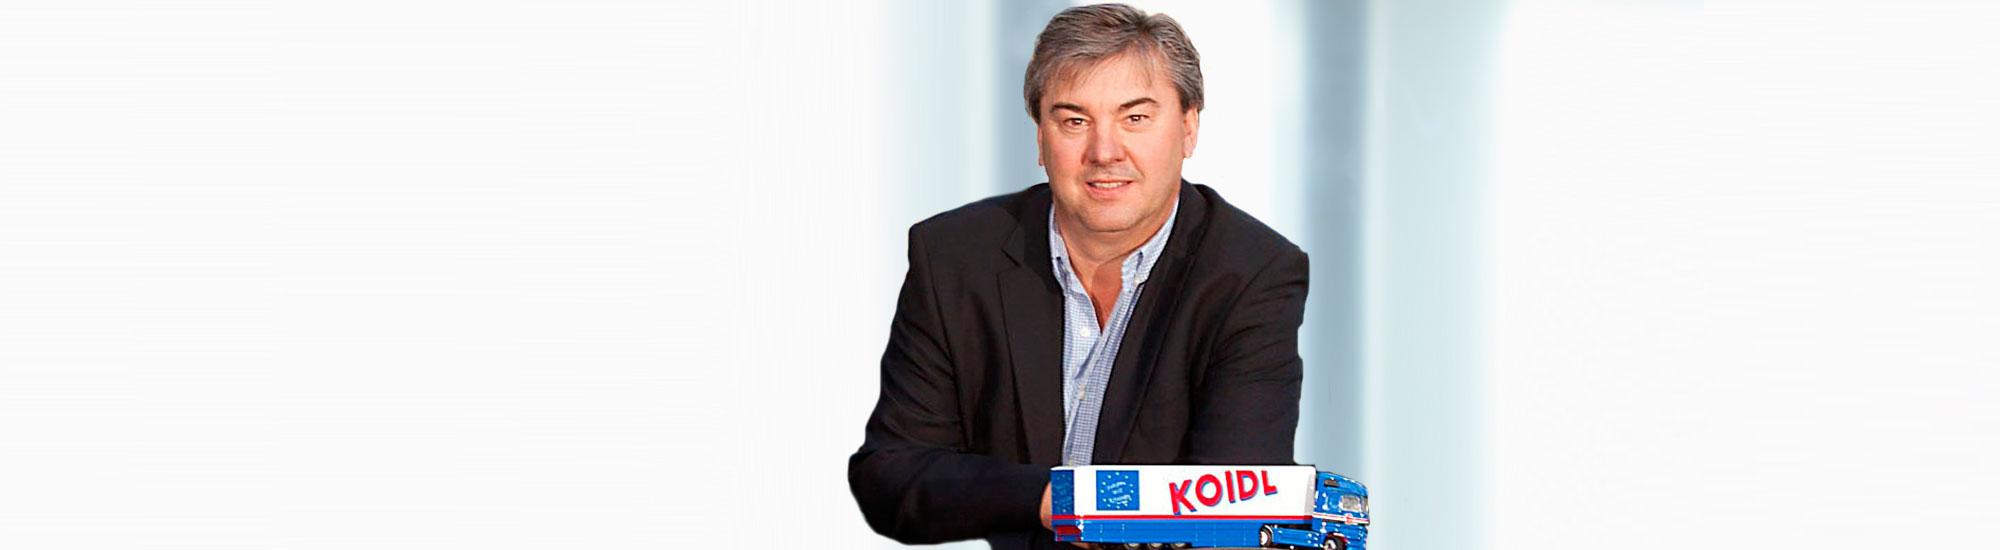 slide_koidl